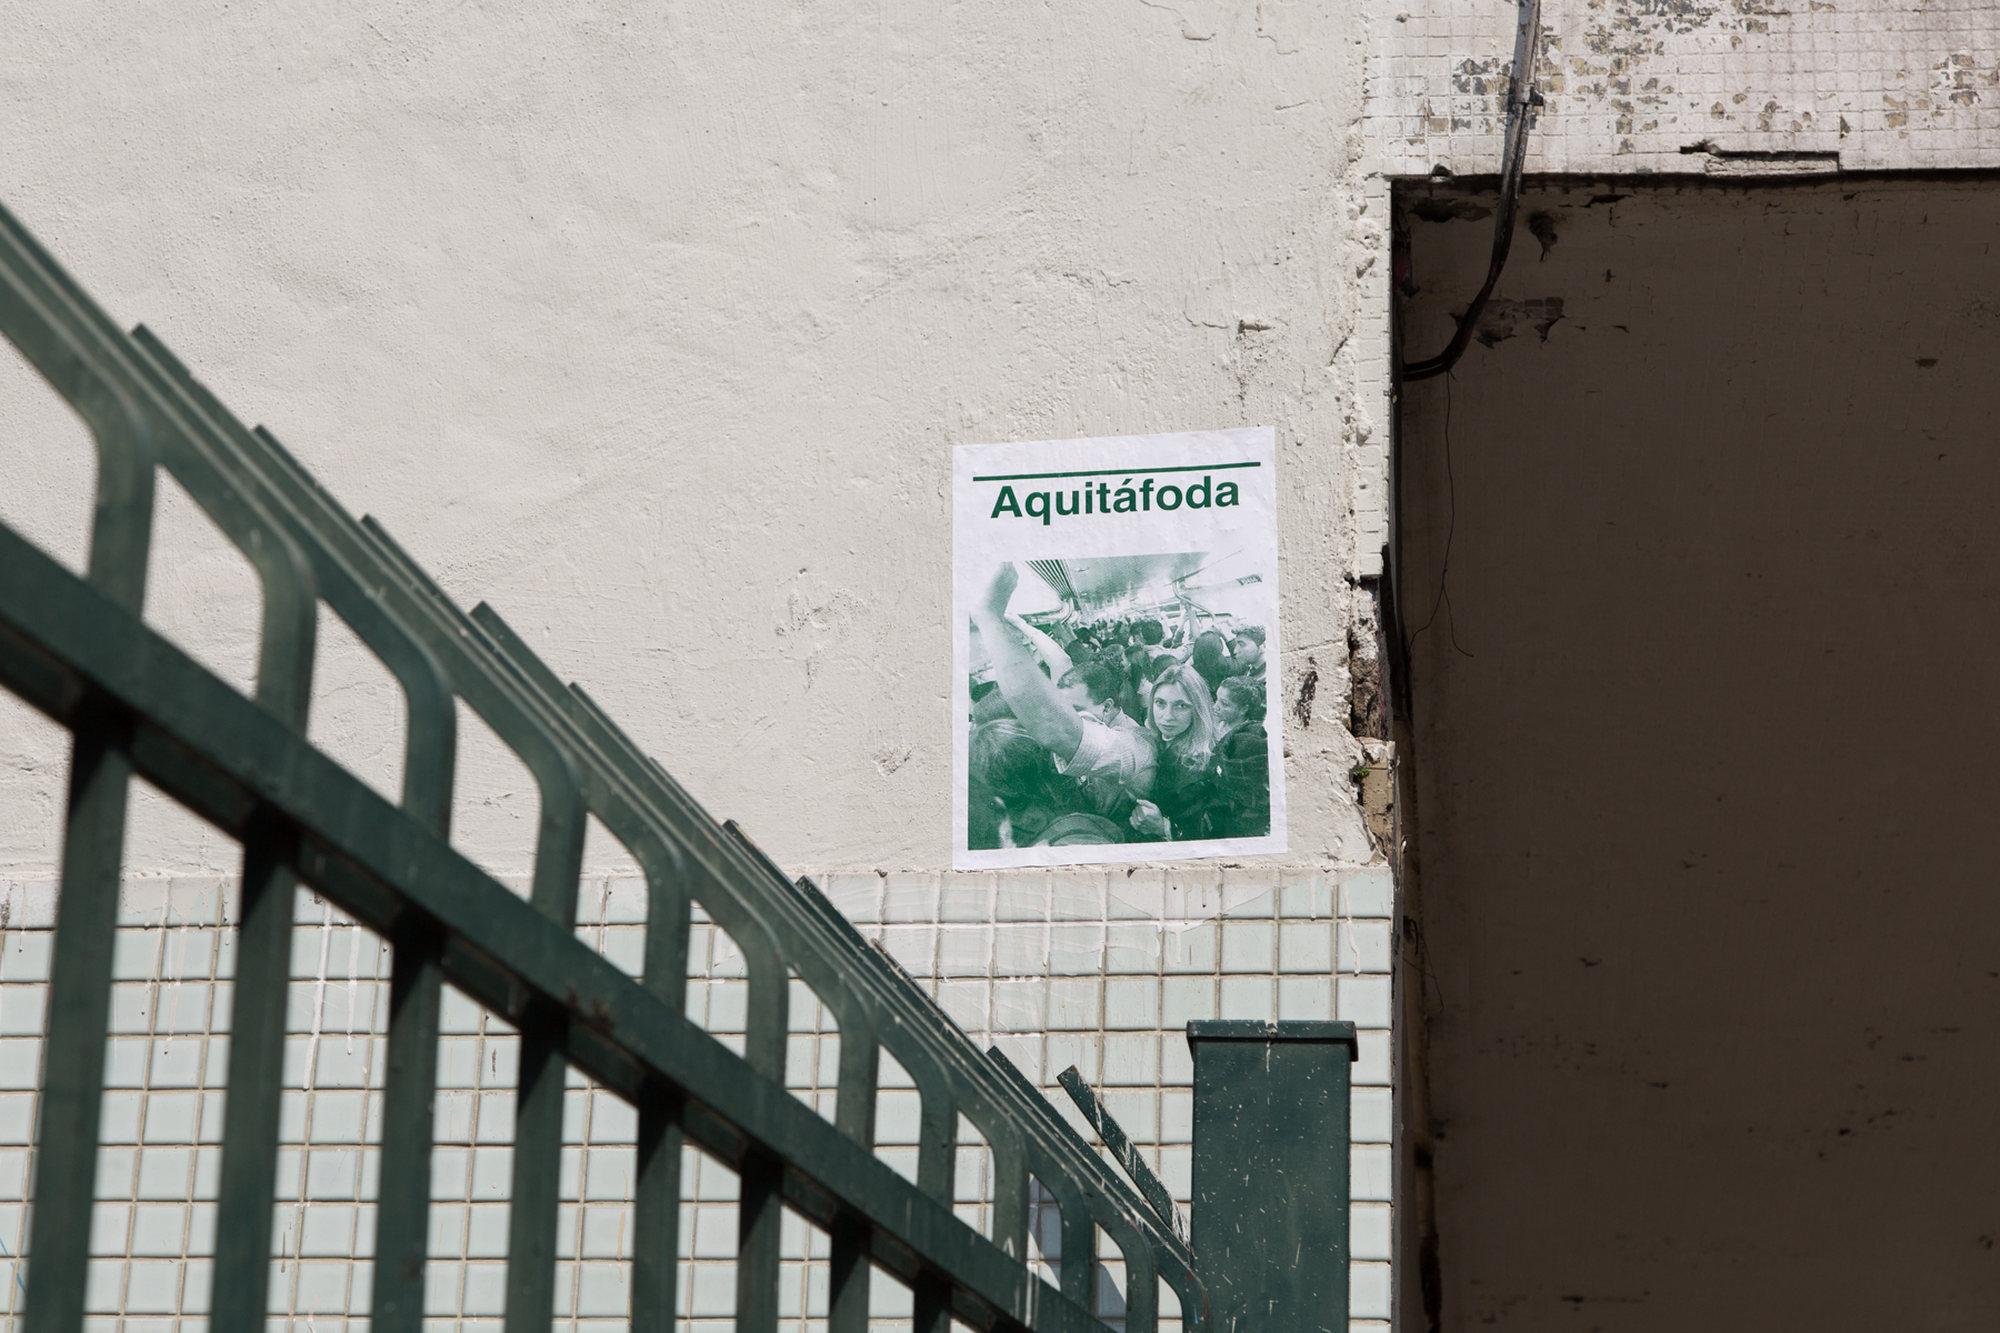 3 Observatório - Acareação - Bruno Baptistelli, Aquitáfoda I